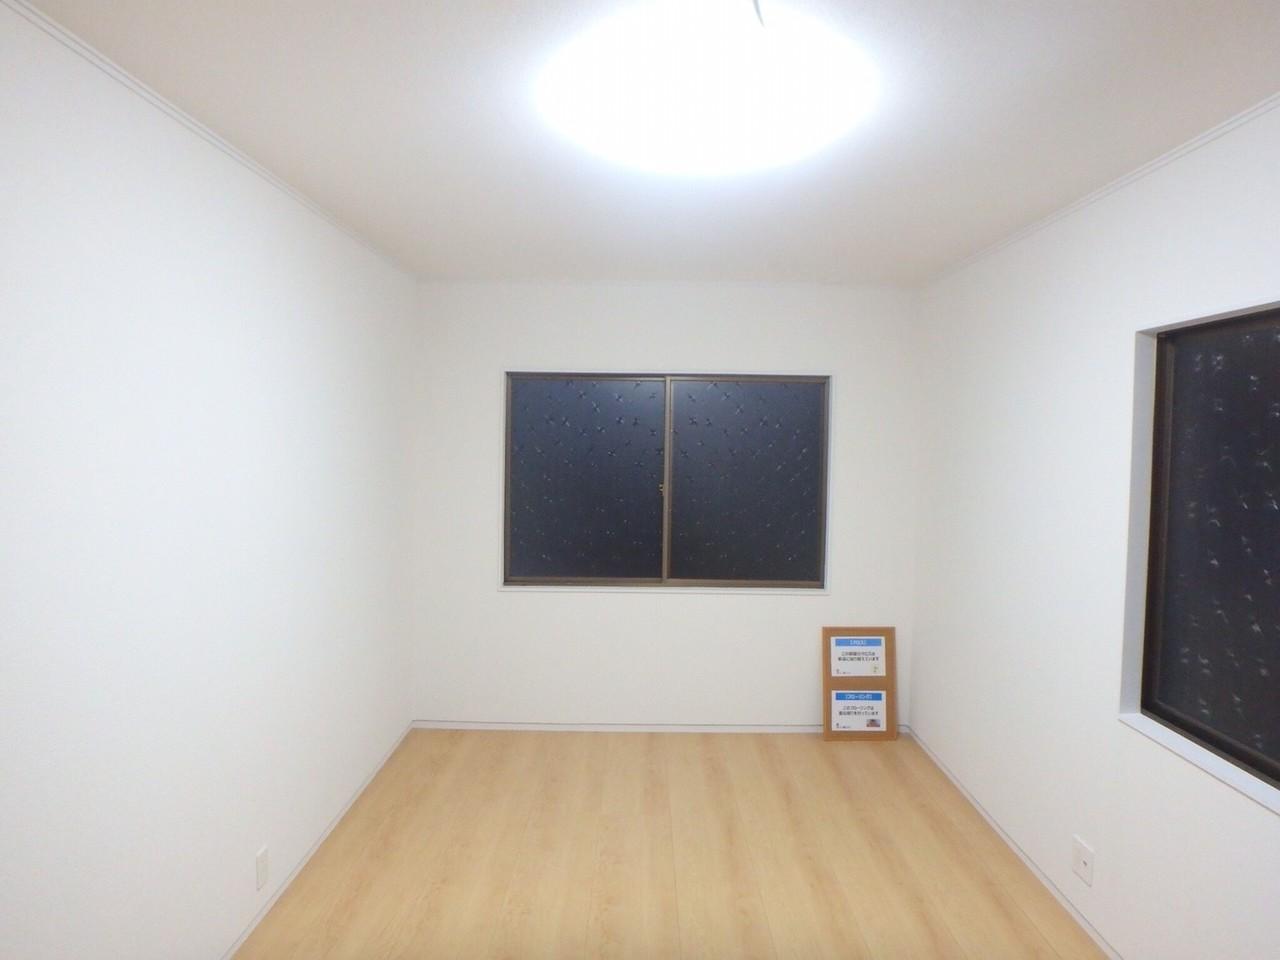 7.5畳の洋室です。3ケ所に窓がついているので日当たり良好!、風通し良好! お部屋で気持ち良く過ごせますね。